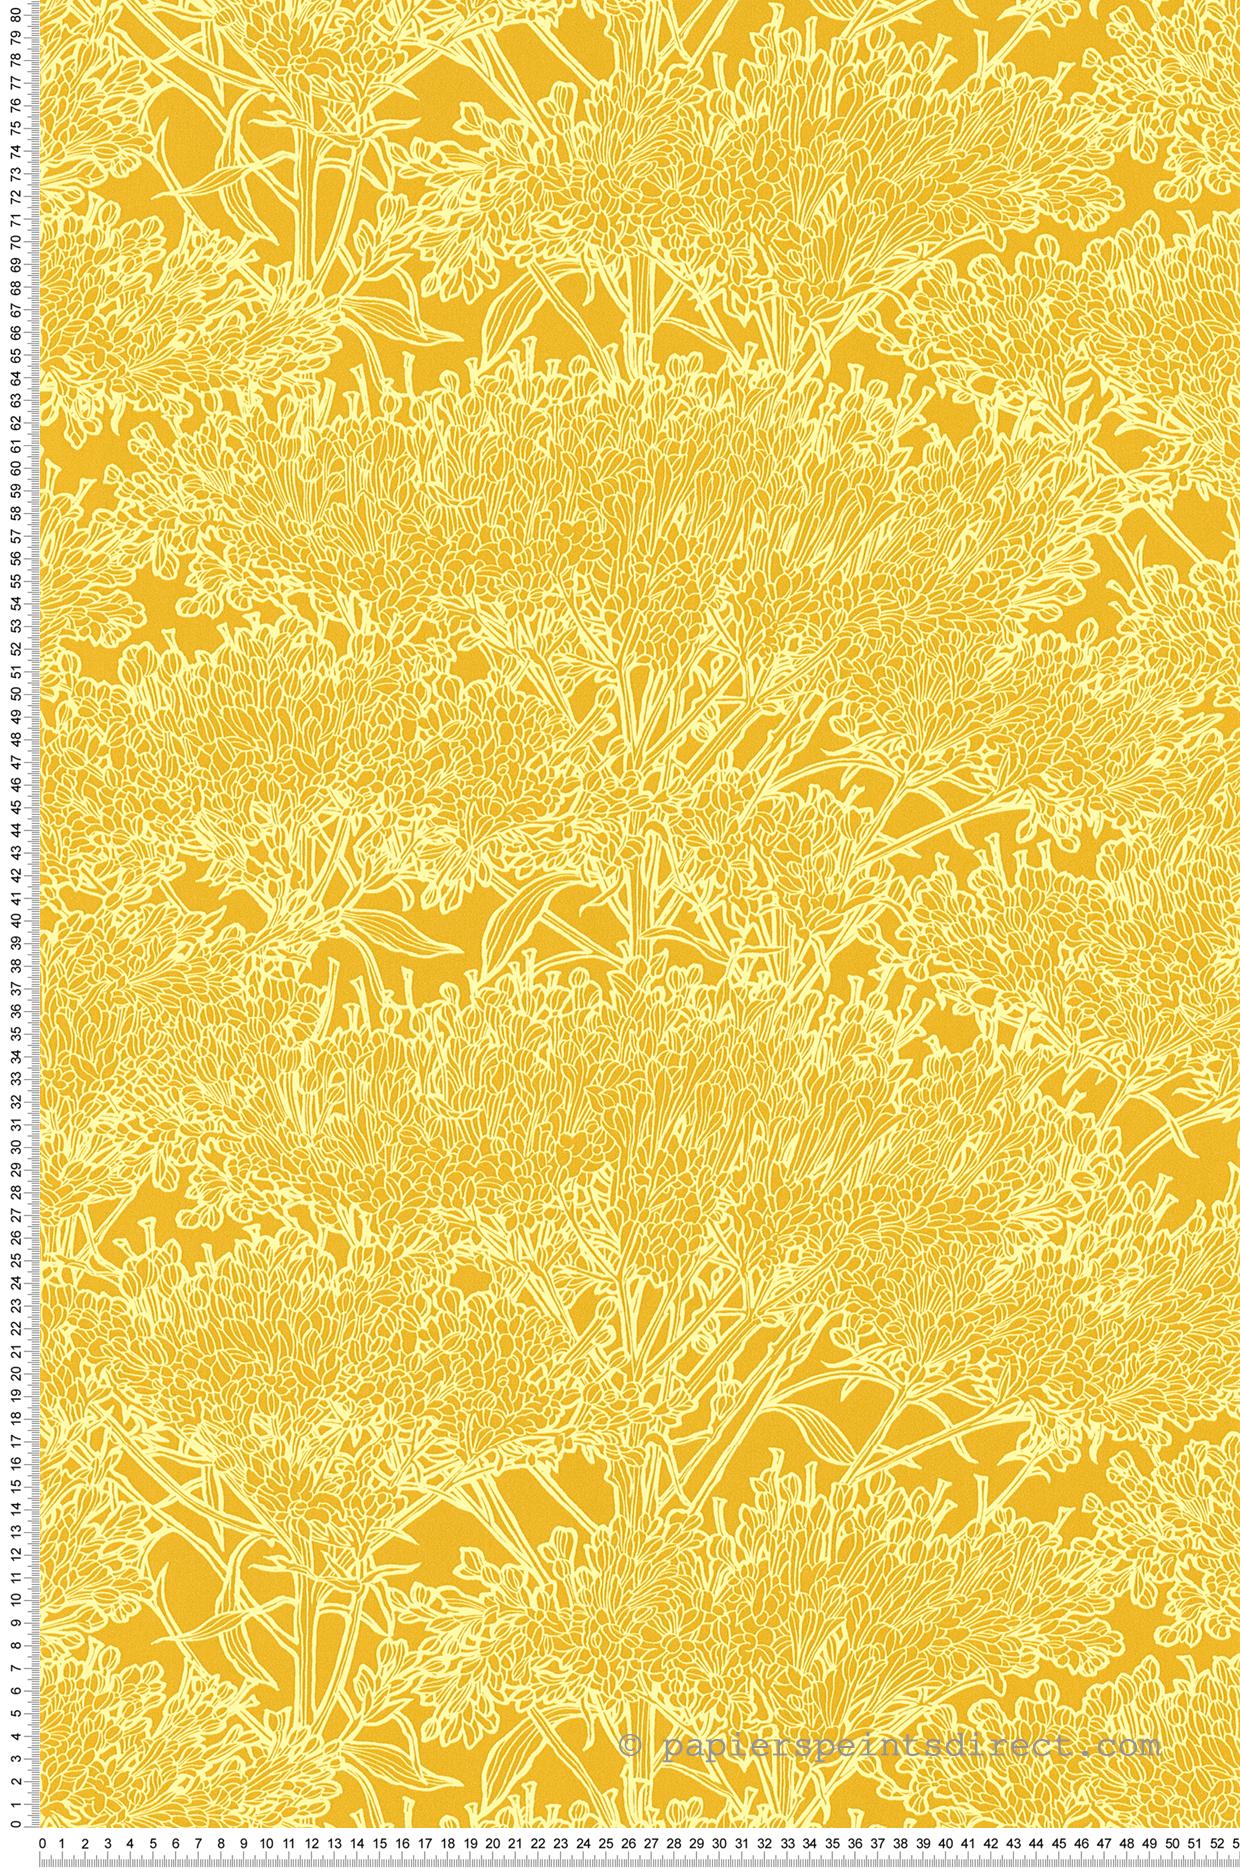 Papier Peint Jaune Moutarde papier peint fleurs graminées jaune moutarde - tribeca de